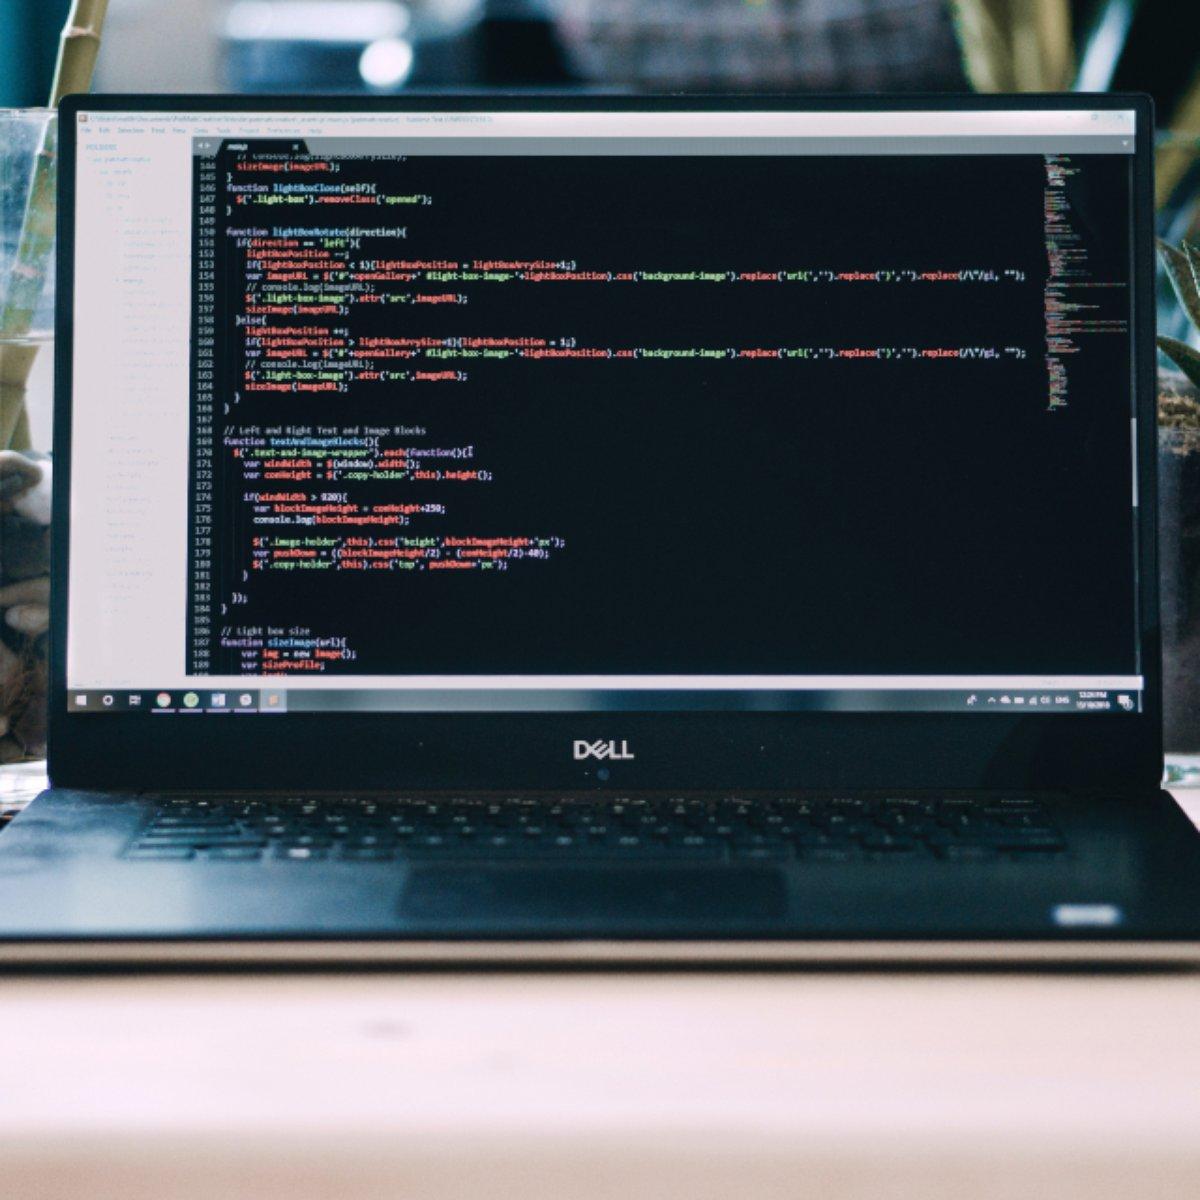 Computadores Dell apresentam nova vulnerabilidade no